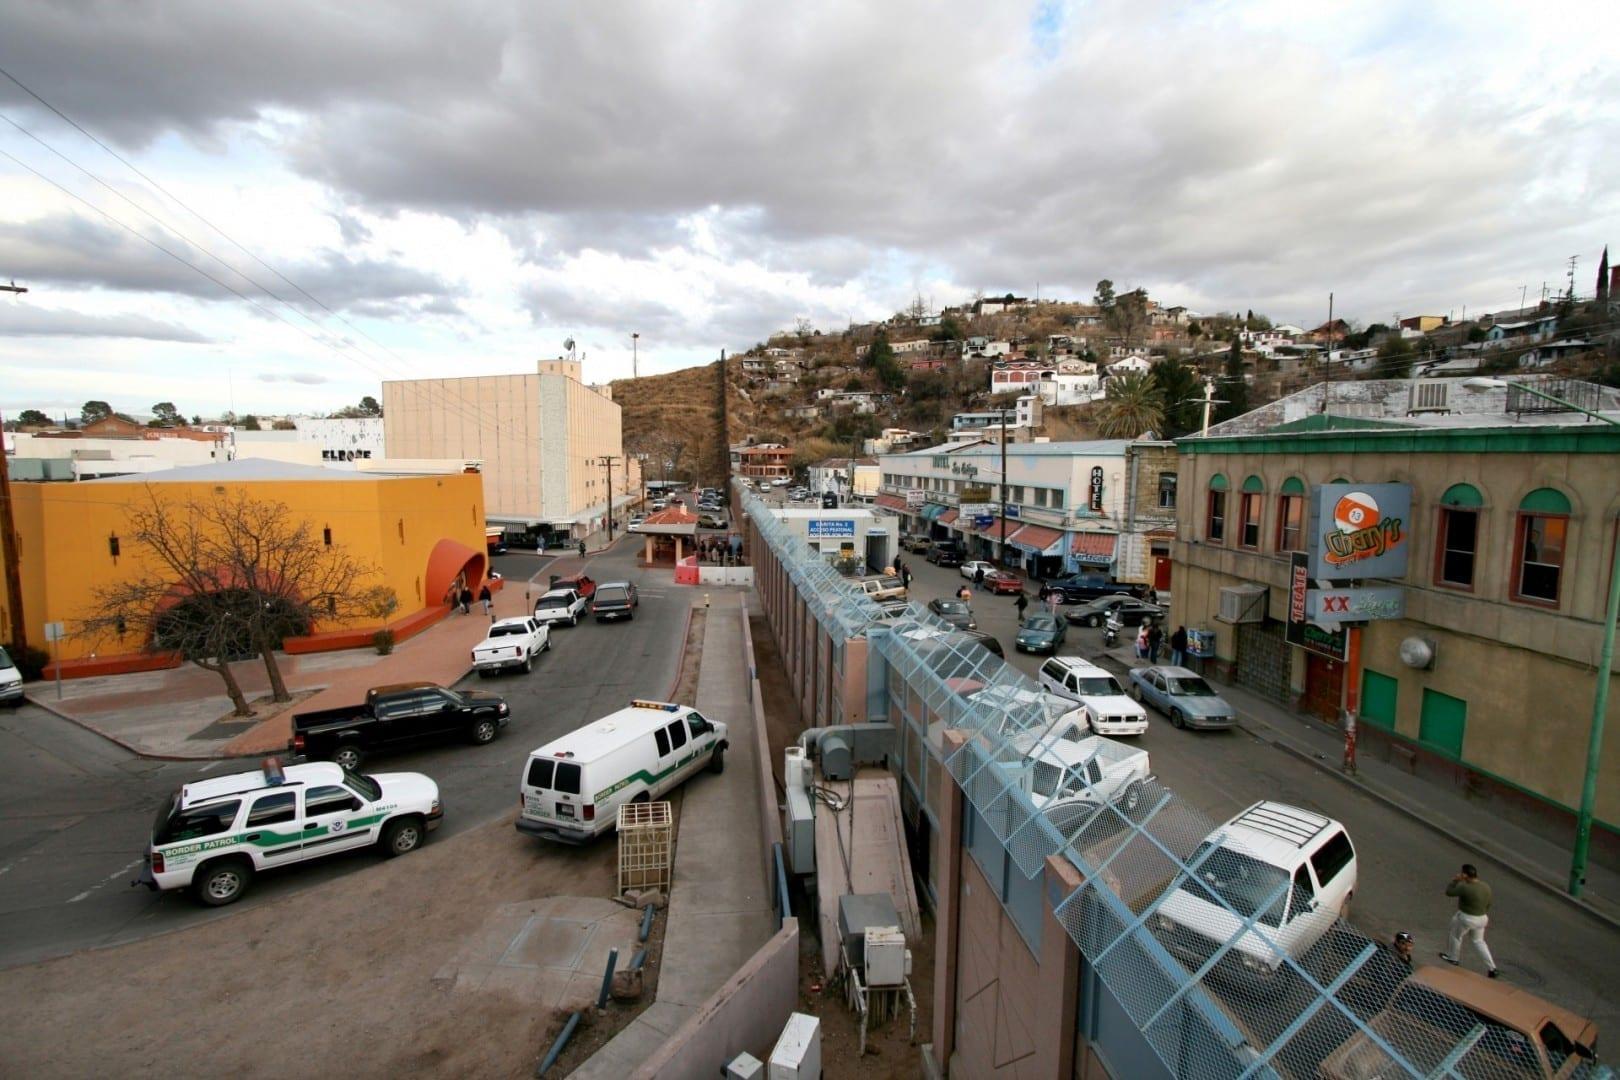 La frontera de Nogales entre Arizona (izquierda) y Sonora (derecha). Nogales México